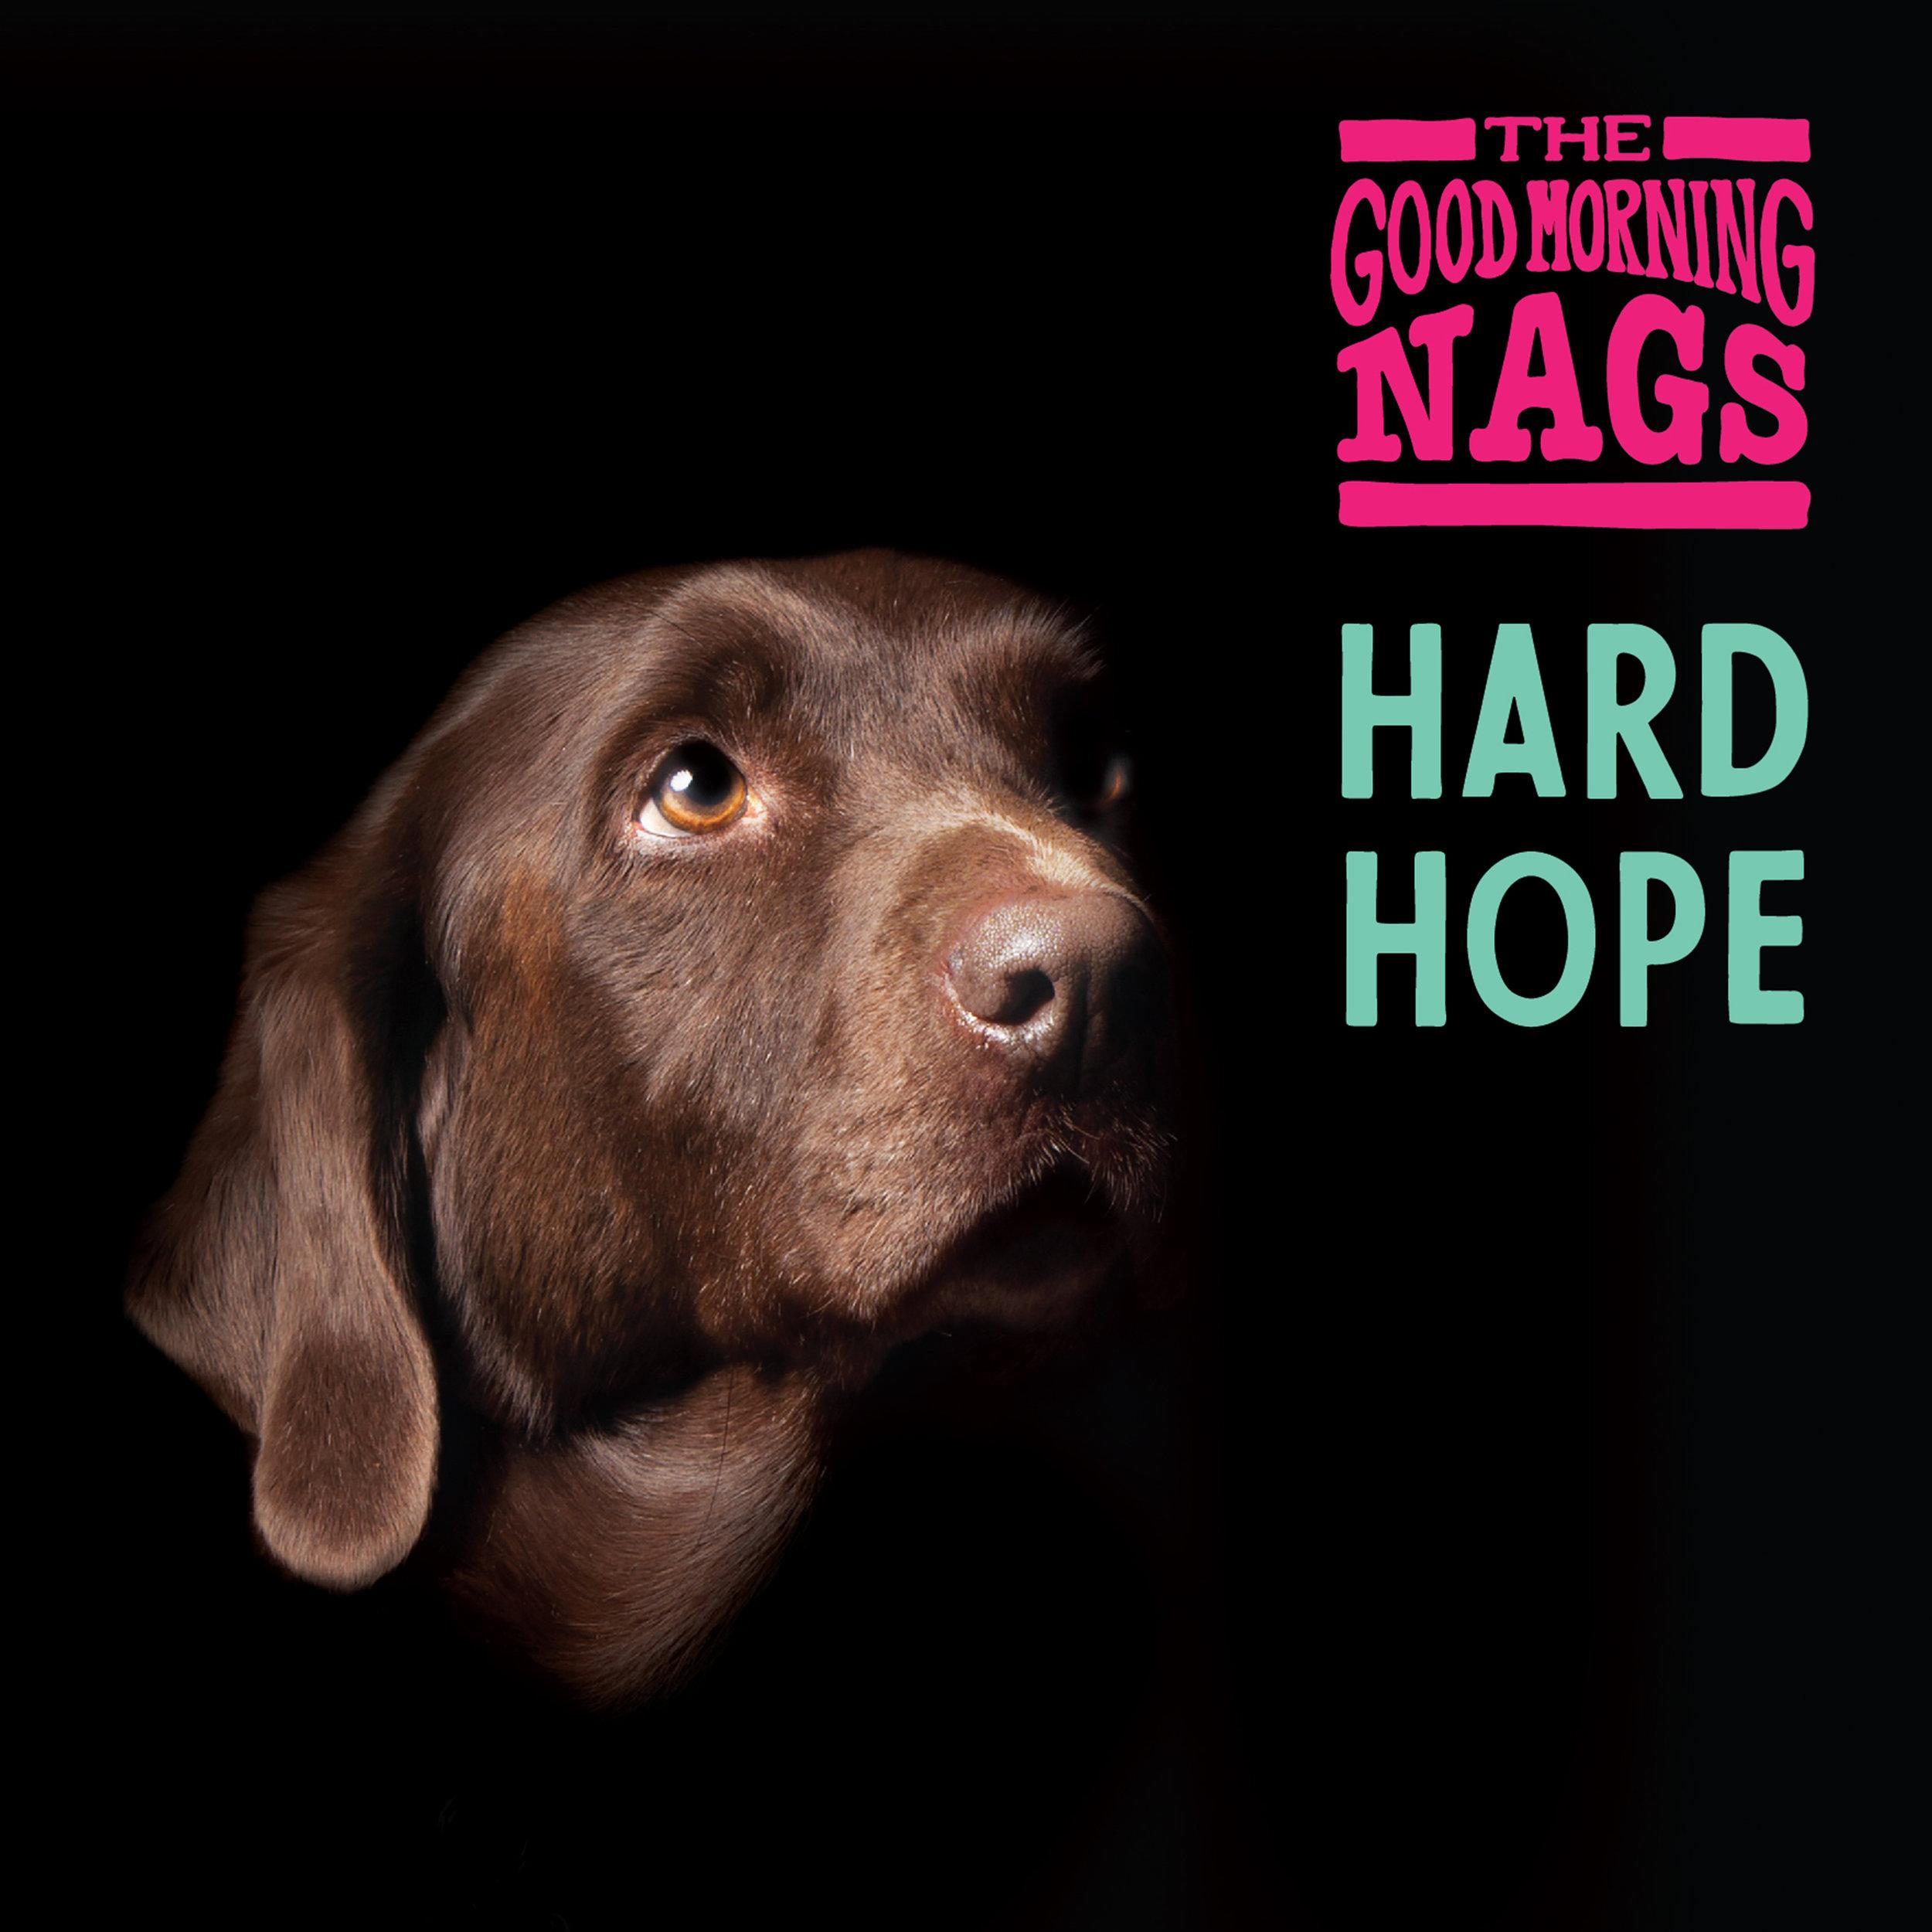 HARDHOPE_album_cover-3000.jpg